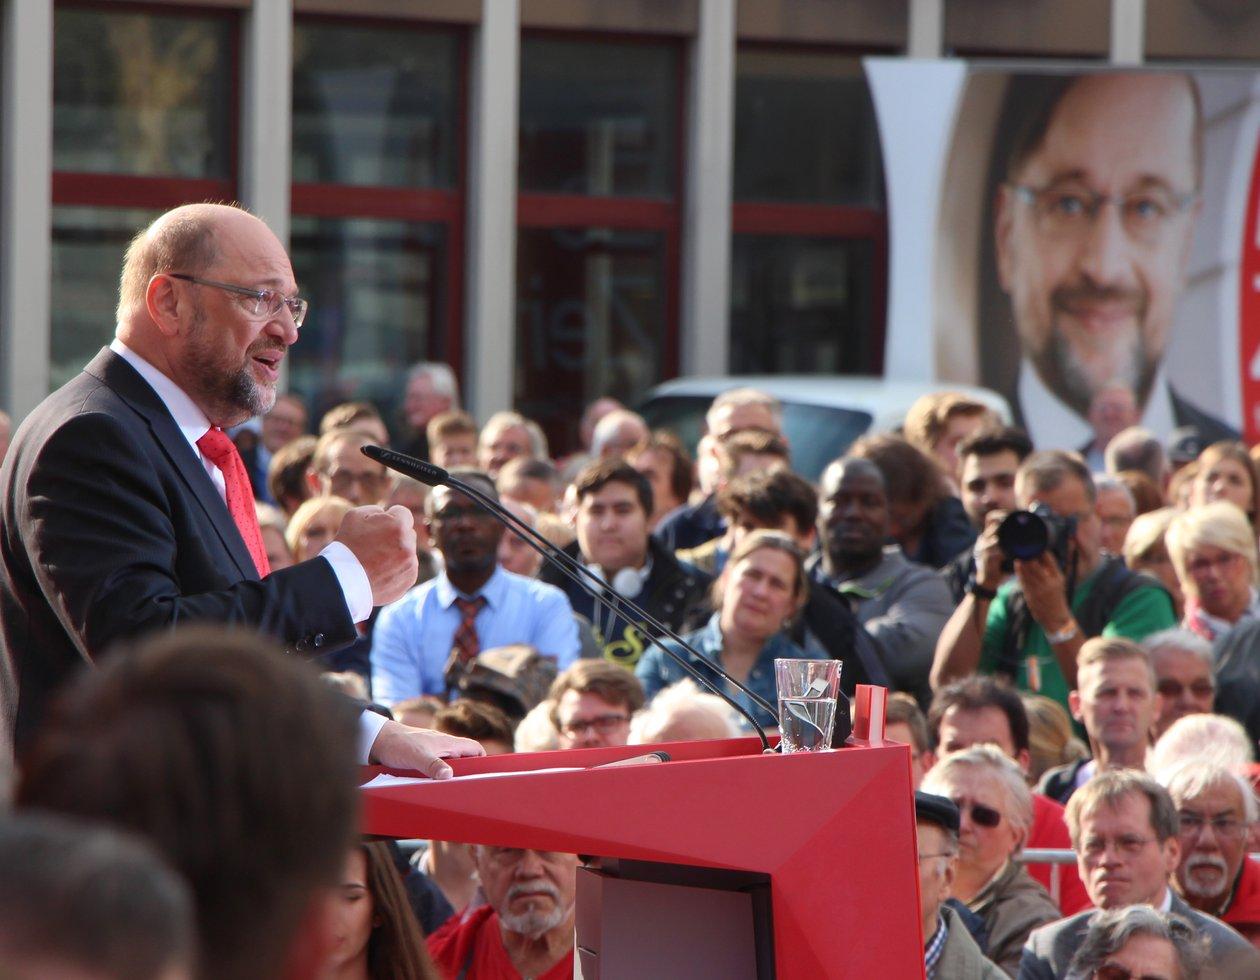 Martin Schulz Wahlkampfrede 2017 in Gelsenkirchen